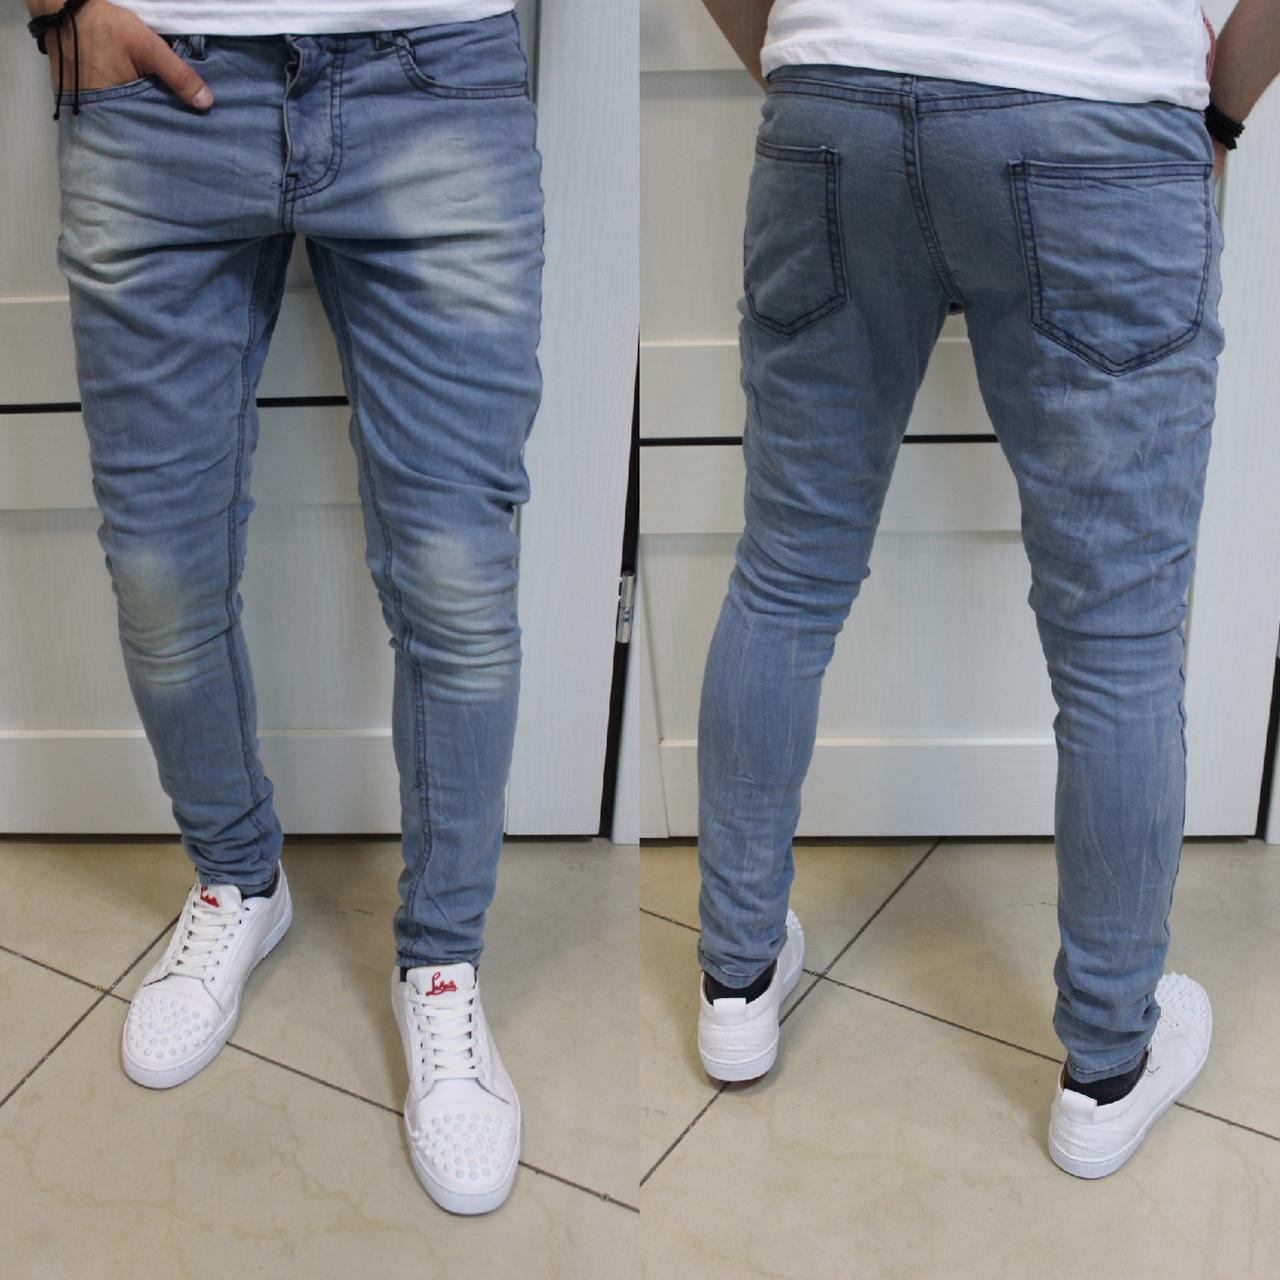 Светлые оттенки джинсов